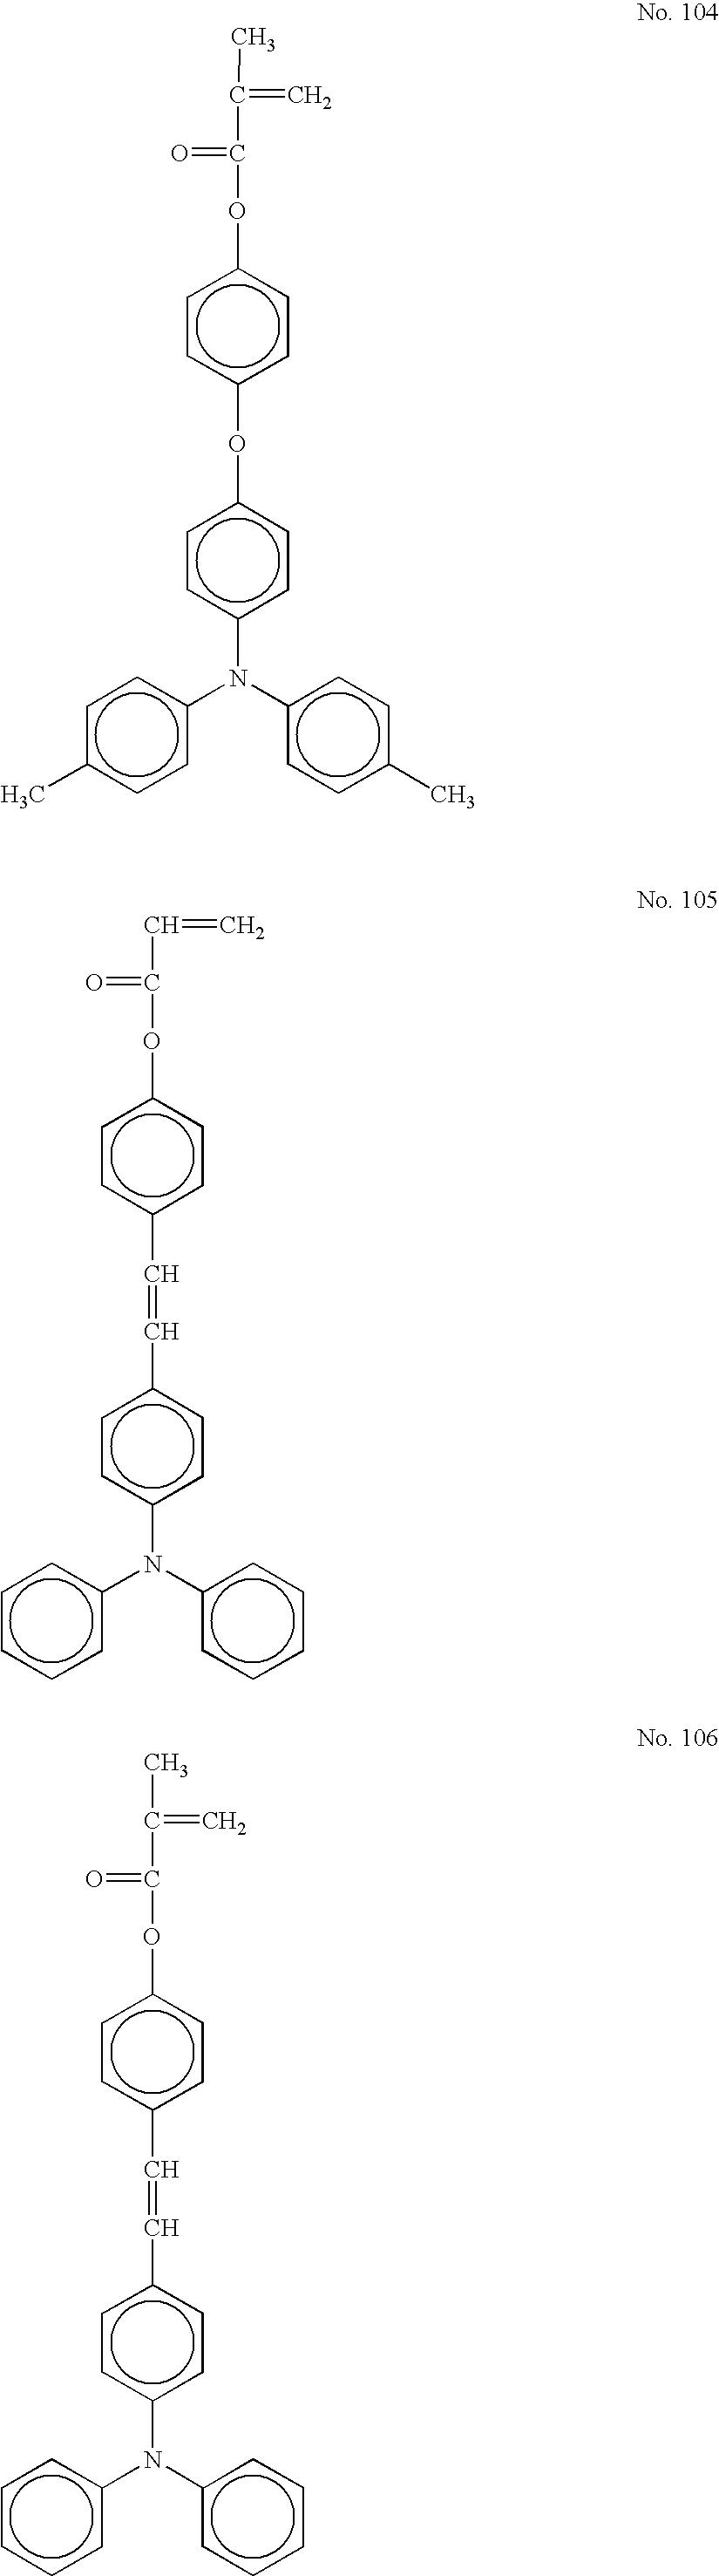 Figure US20040253527A1-20041216-C00047